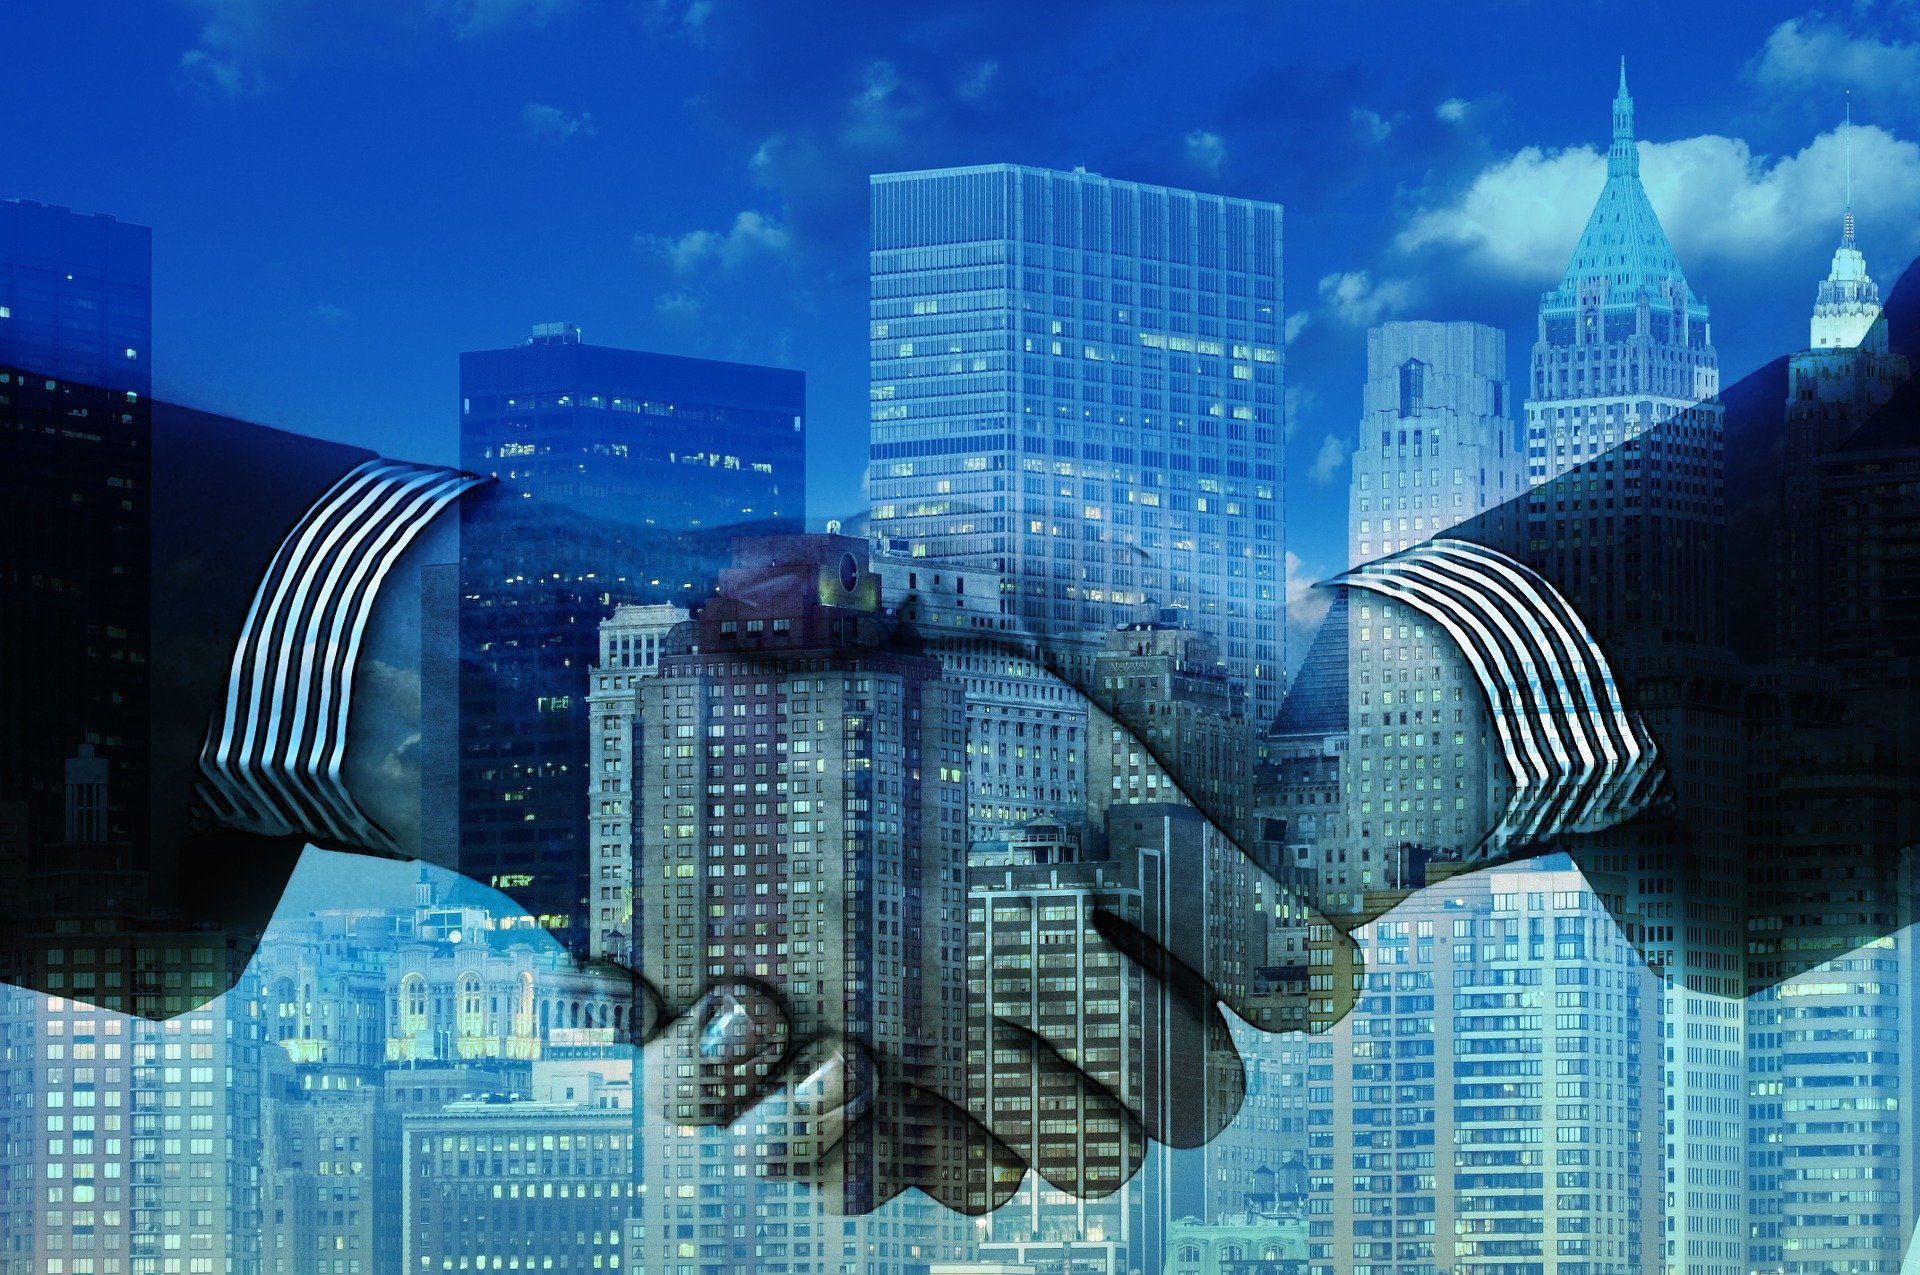 Stratégiai megállapodást kötött a QANplatform és a ViVeTech